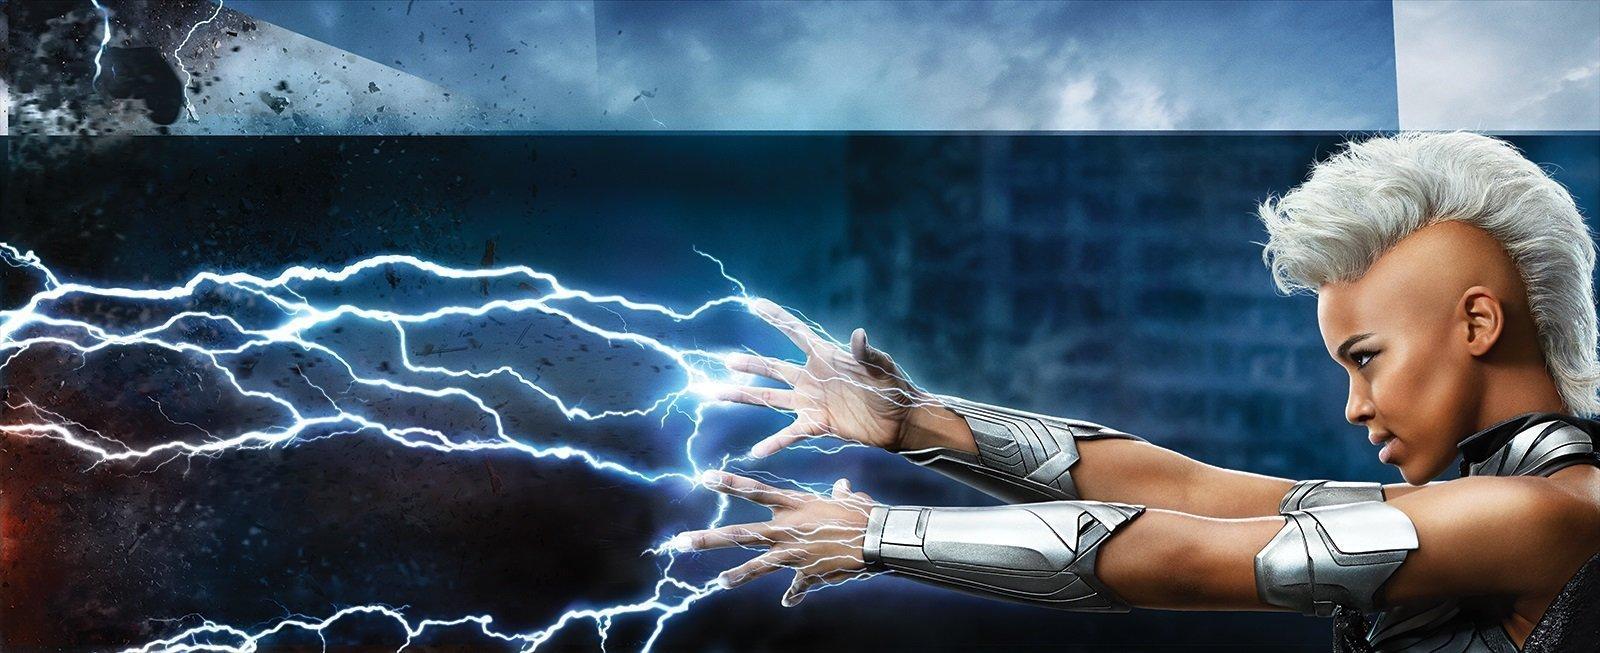 Storm X Men Wallpaper 63 Images: Bannière : X-Men: Apocalypse (Tornade Déchaine Les éclairs